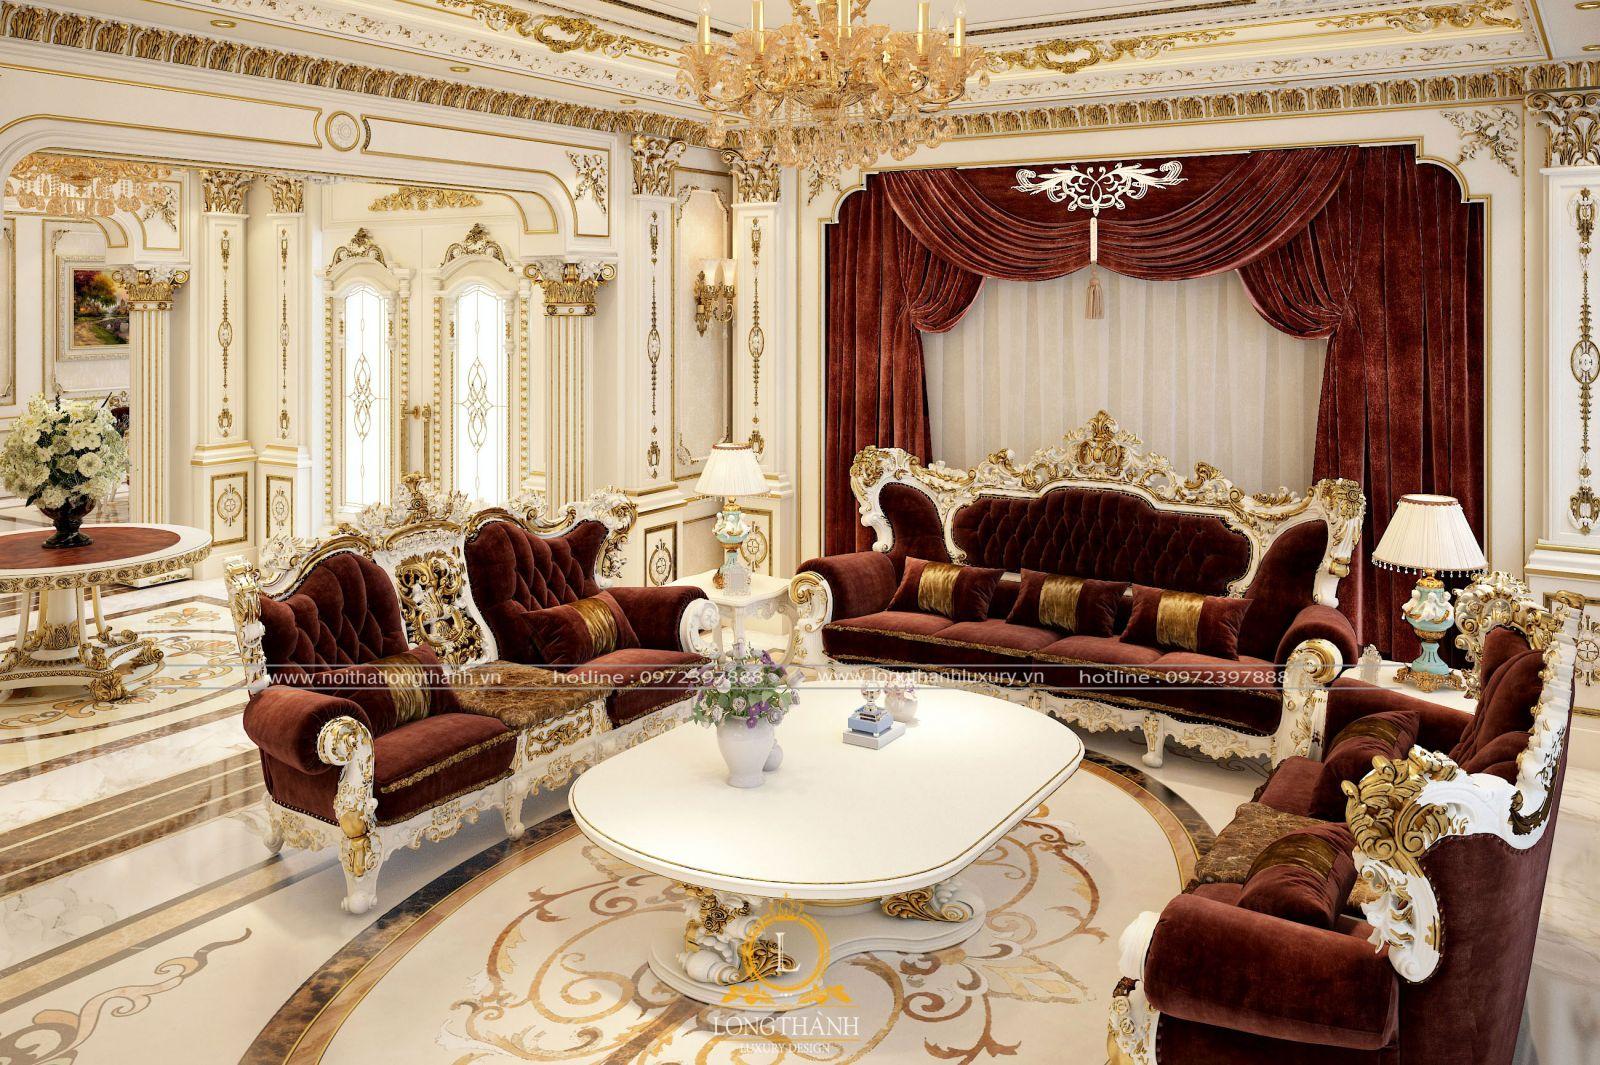 Gối tựa sofa thường có kích thước 45cm*45cm hoặc 45cm*60cm